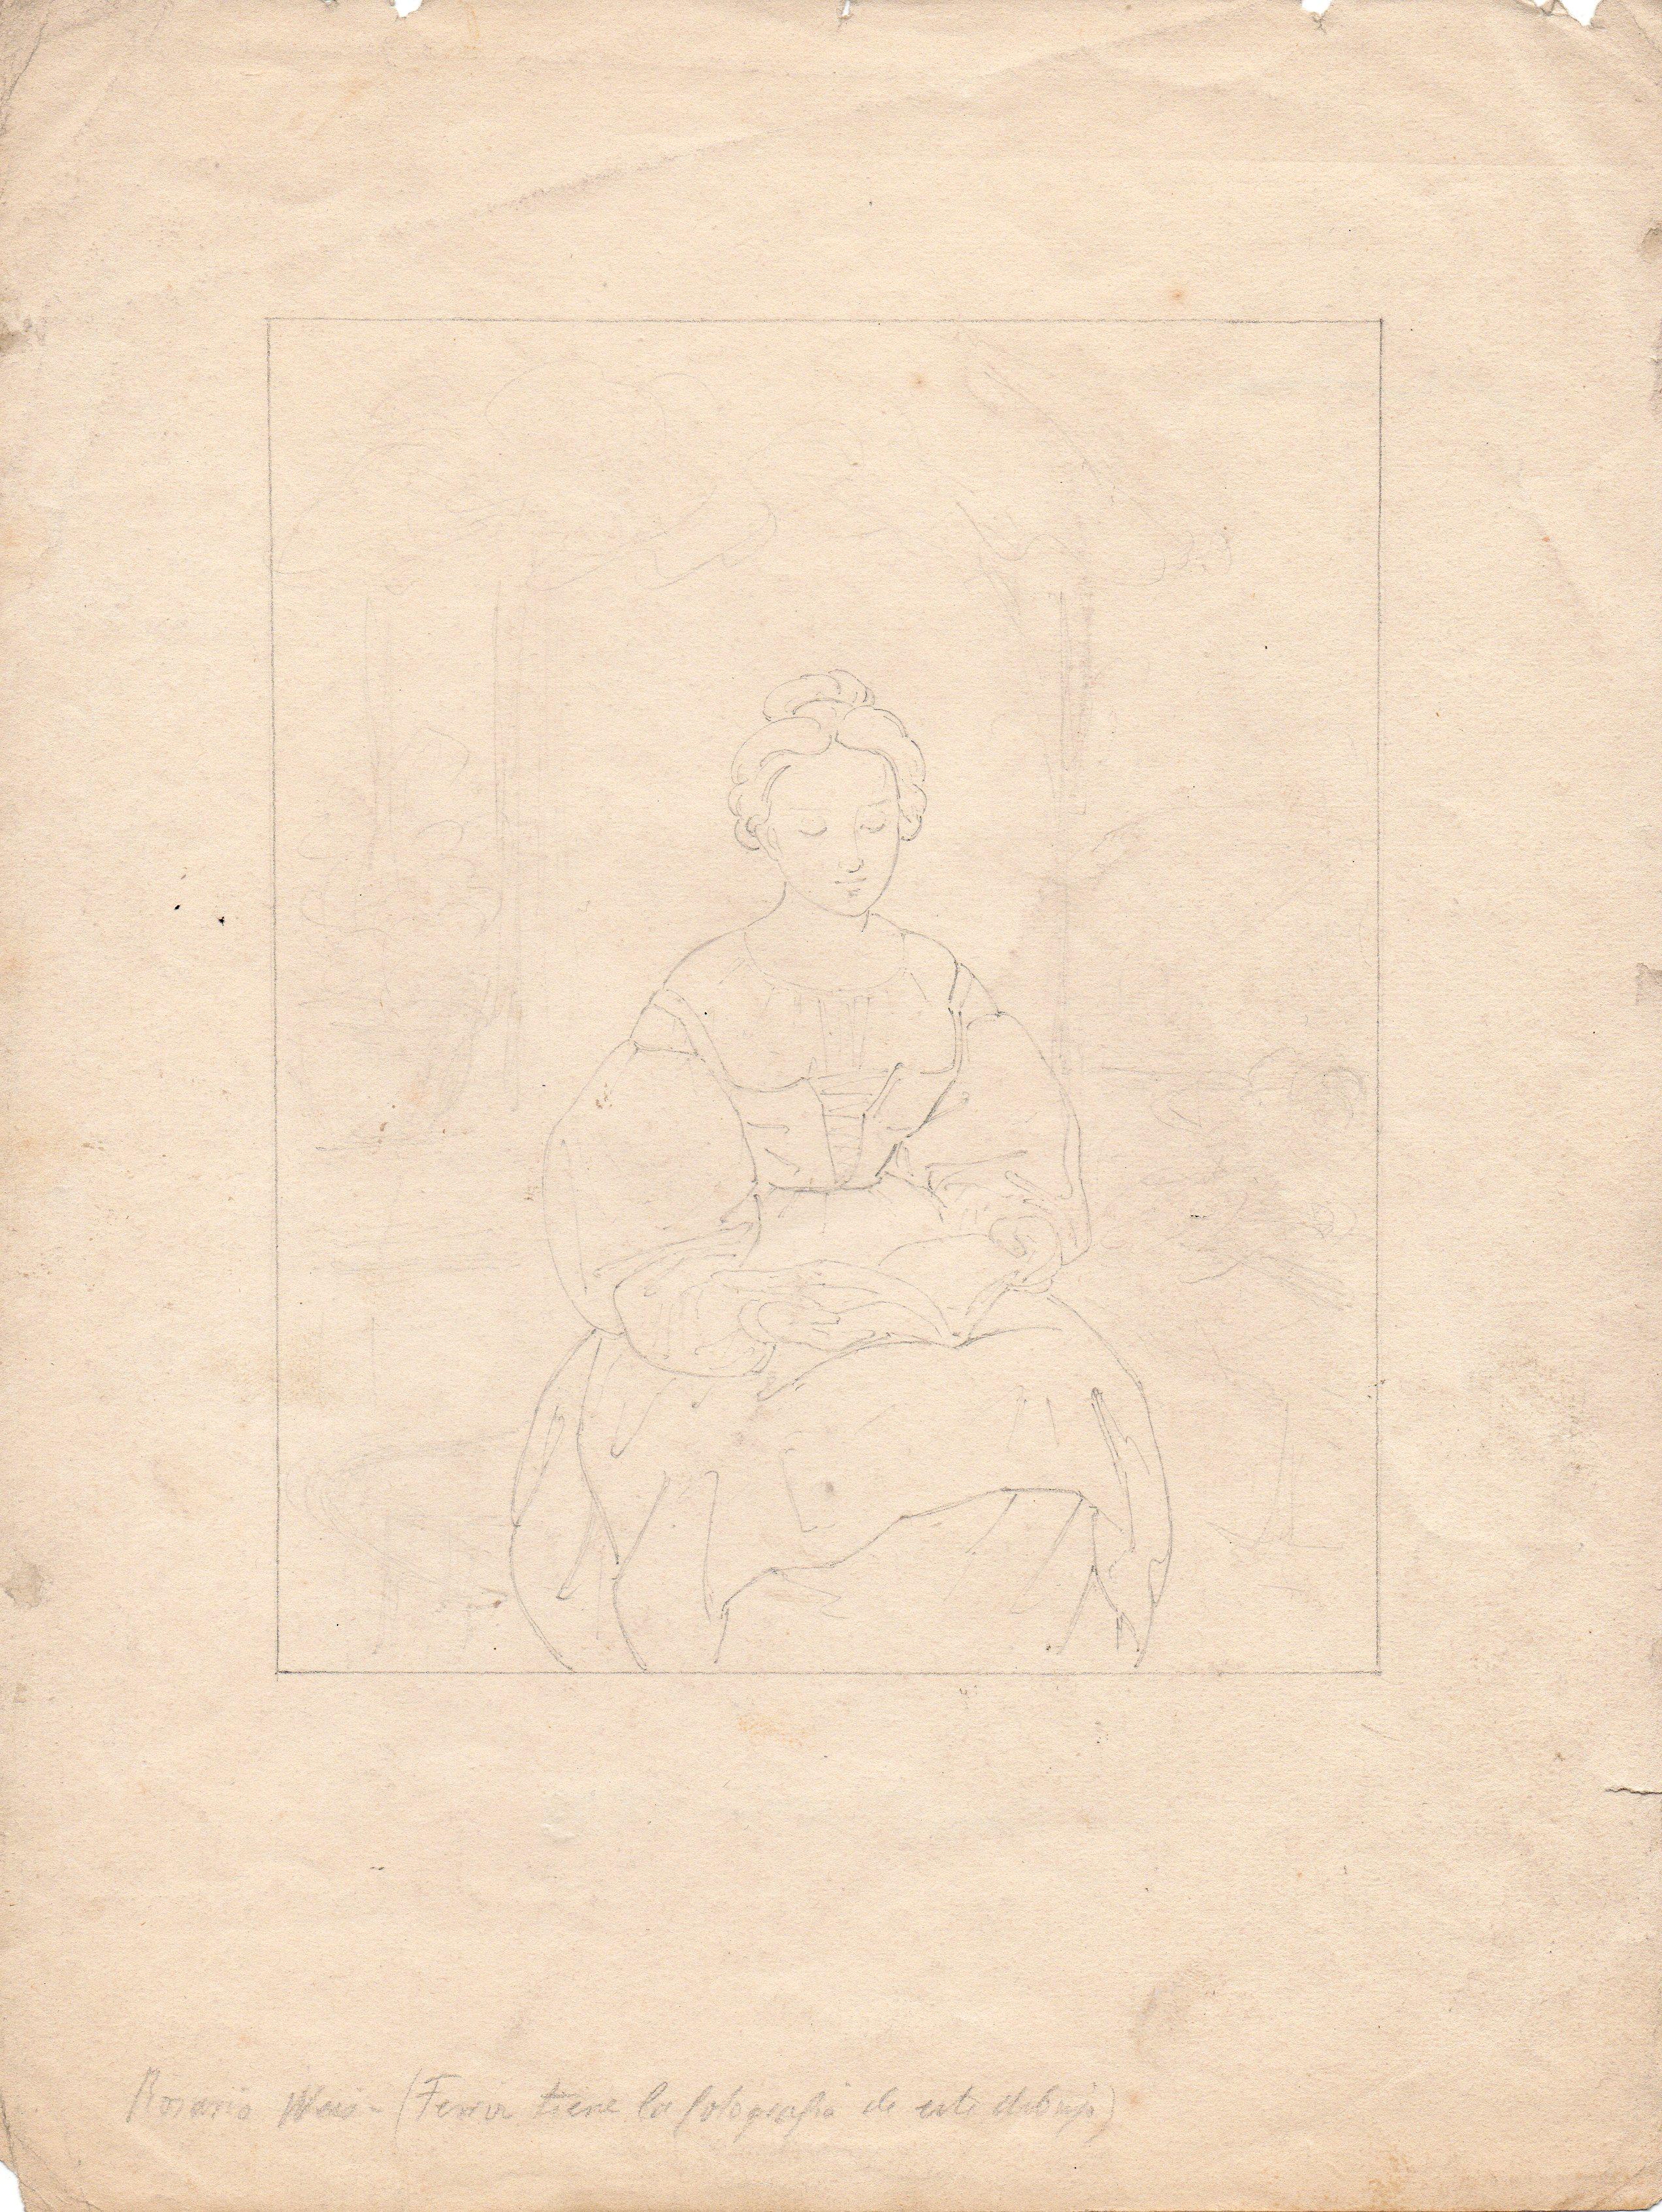 R. Weiss. 287 x 217 mm. Lápiz